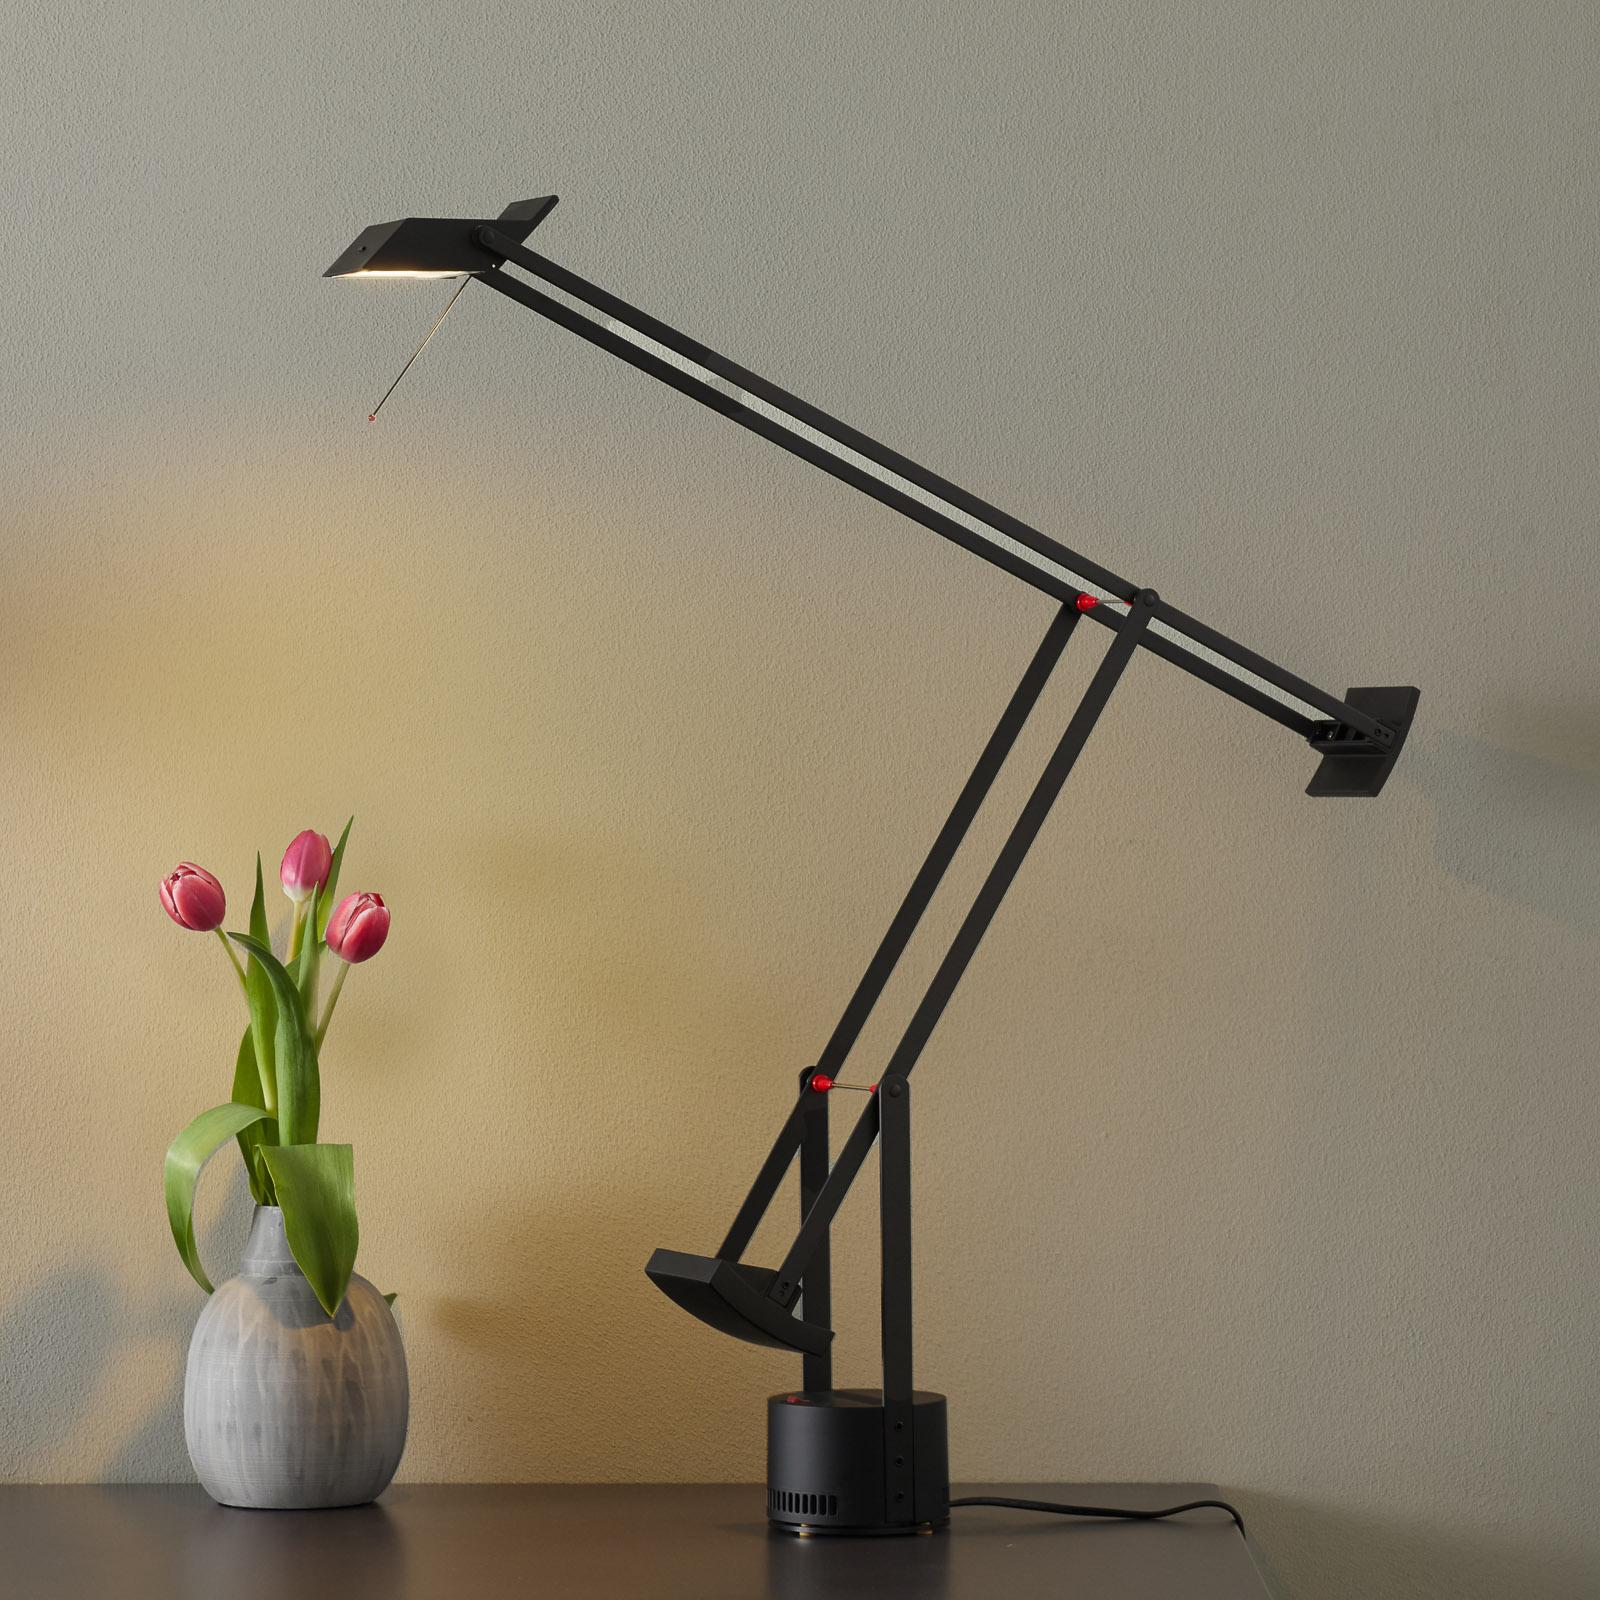 Innovativ designer-bordslampa Tizio